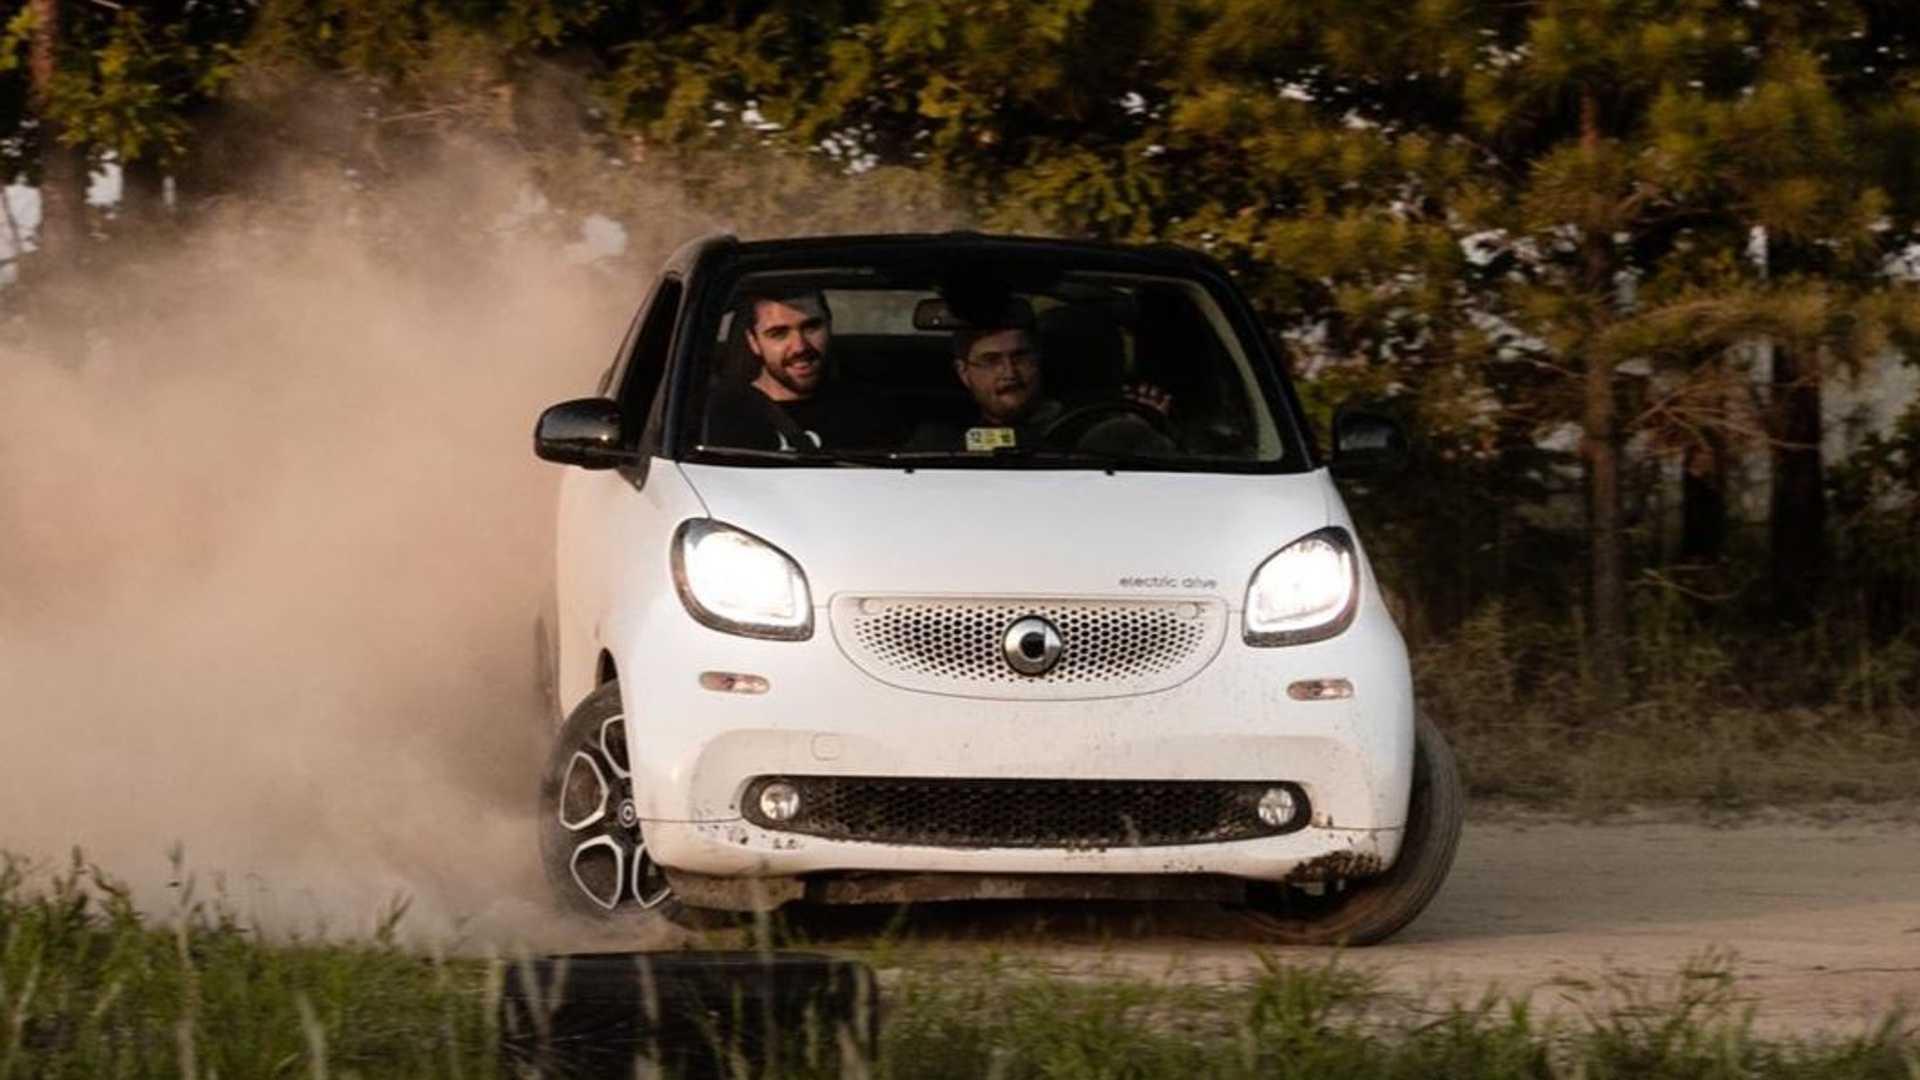 Посмотрите это внедорожное видео с электрическим автомобилем Smart ForTwo